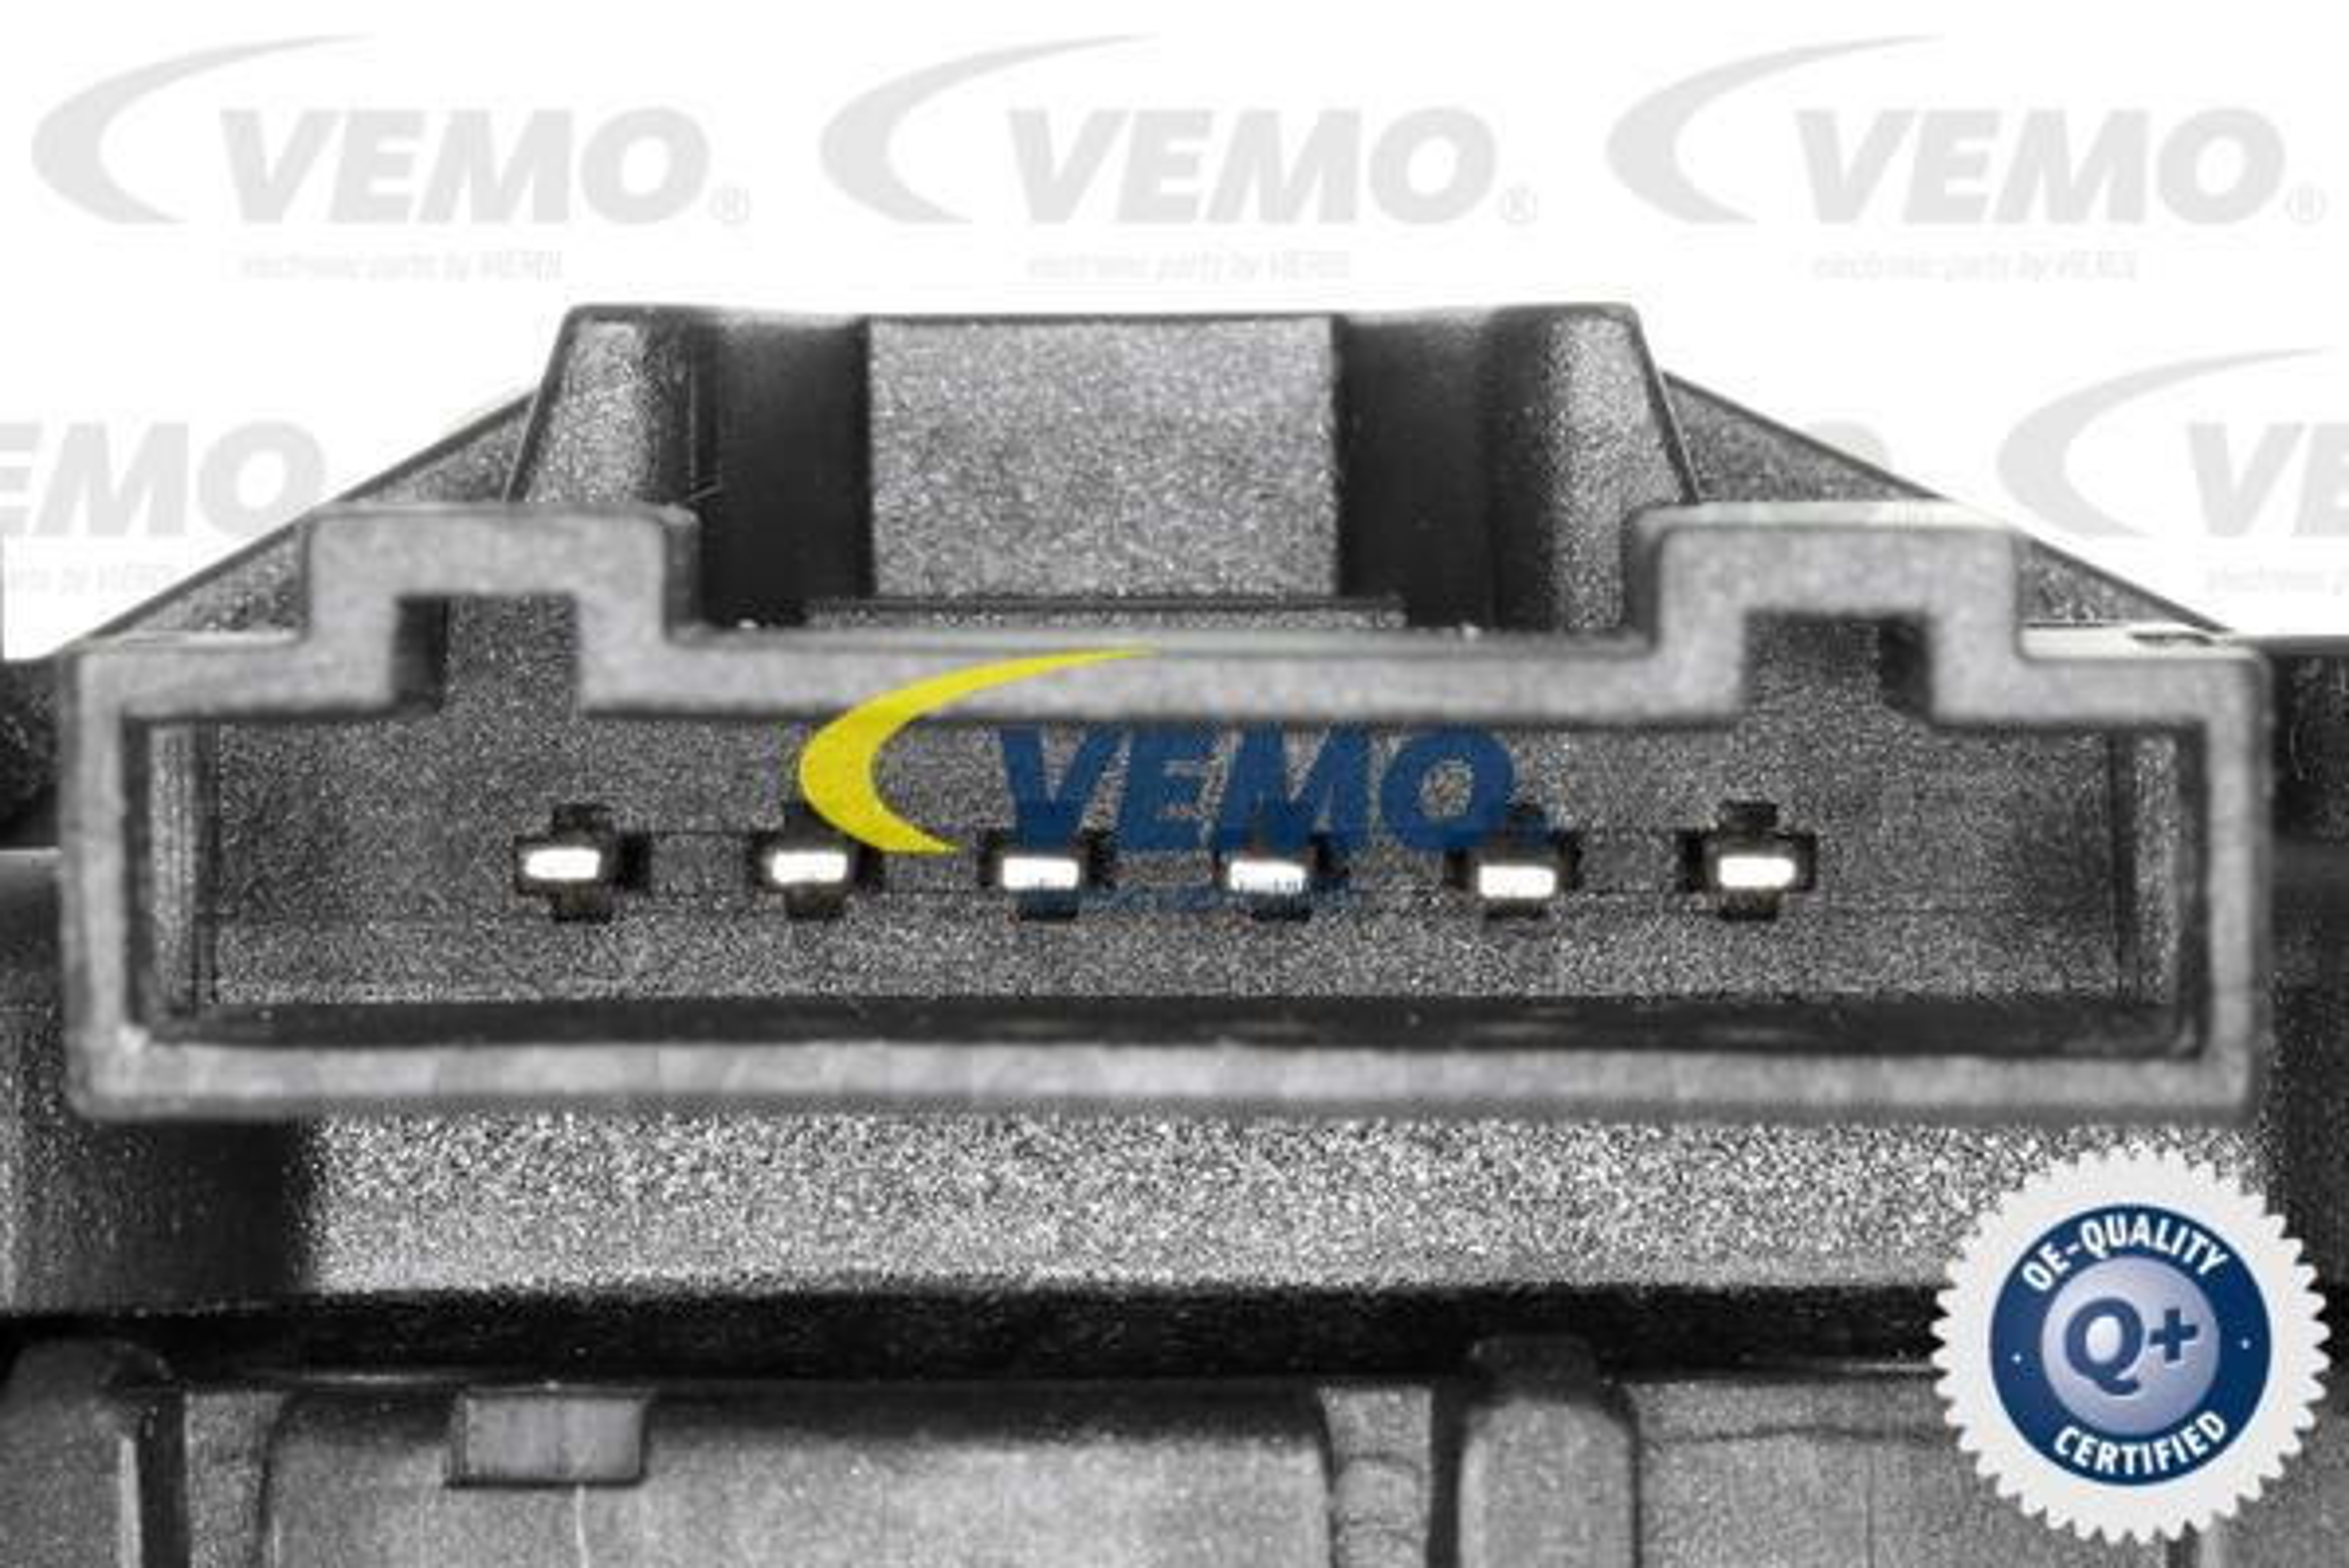 Accelerator Pedal VEMO V46-82-0003 rating